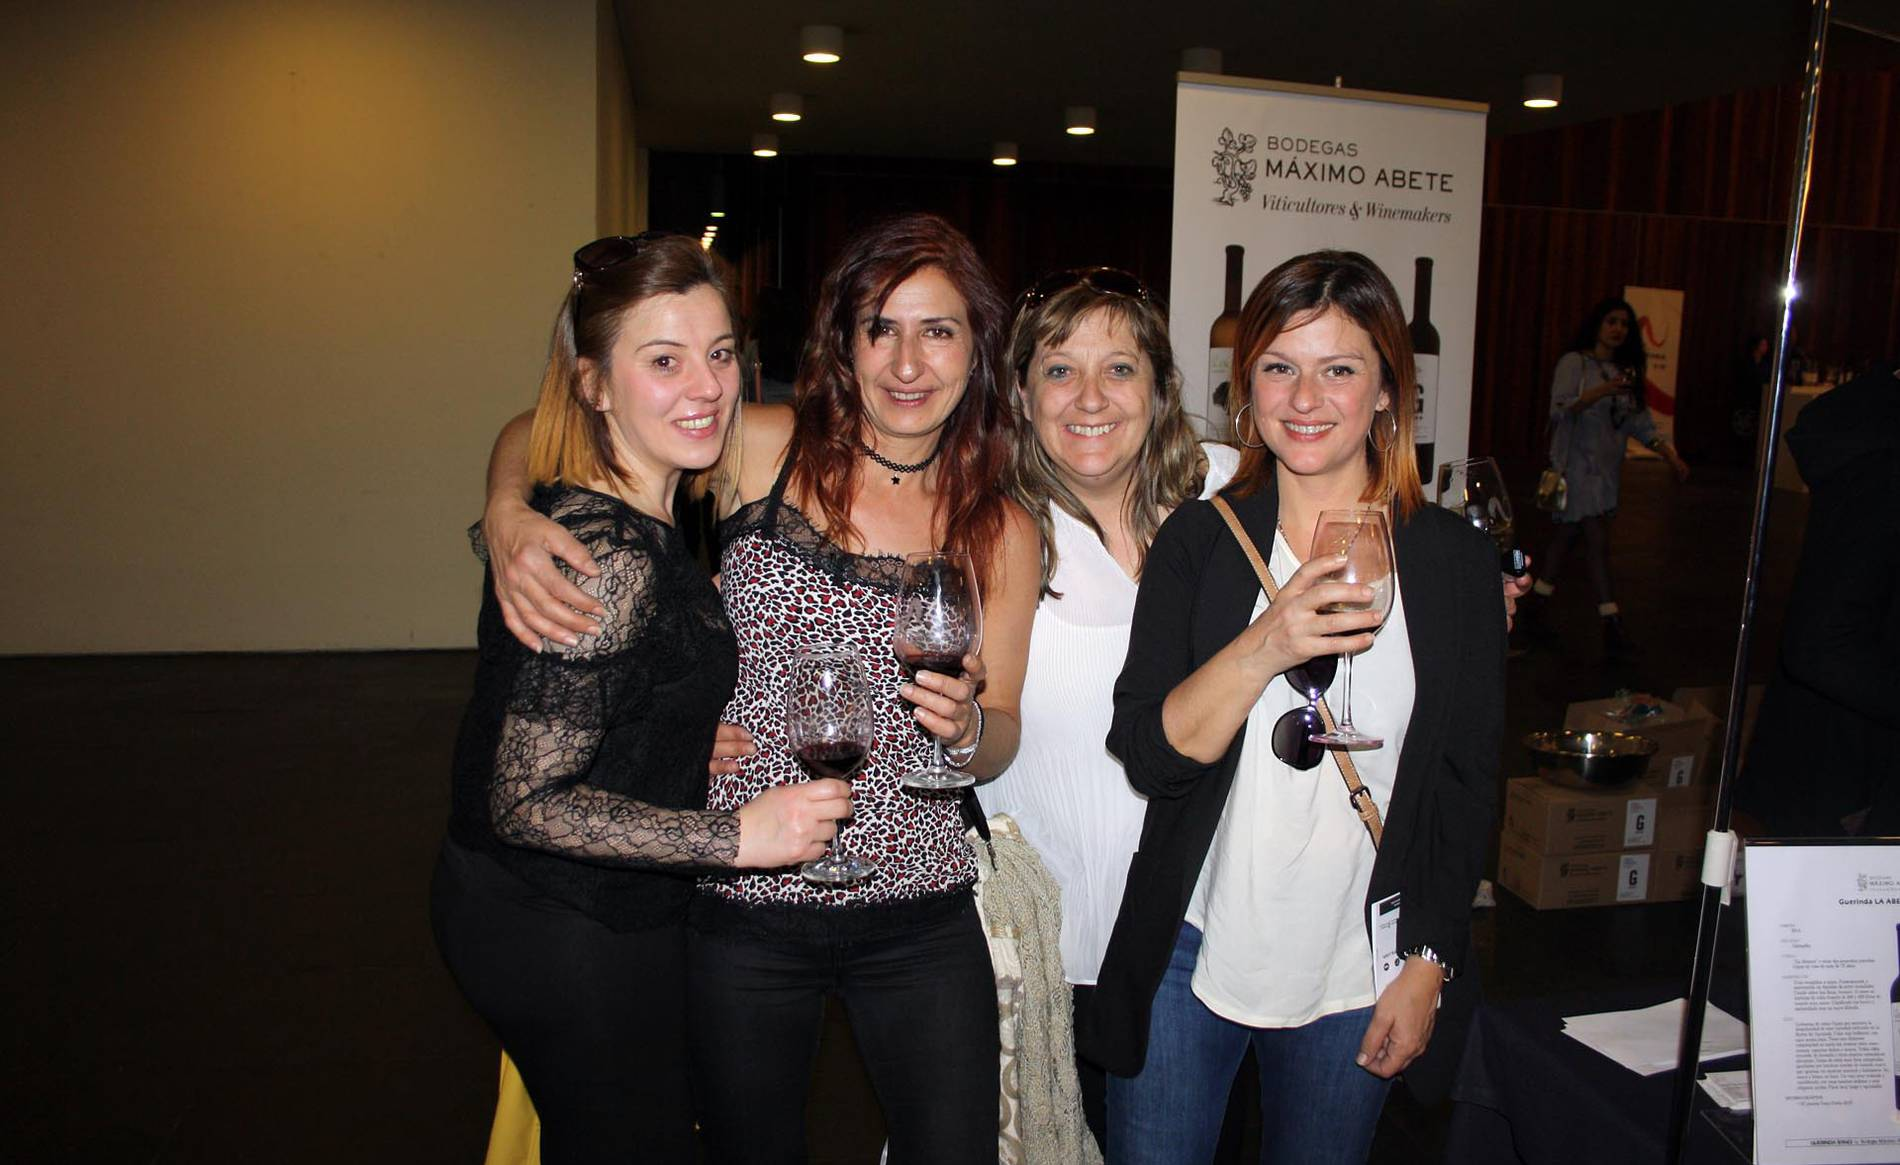 Descubriendo los vinos D.O. (1/8) - 29 bodegas adscritas a la Denominación de Origen Navarra participaron en una nueva edición de la muestra degustación Vinofest. Un año más, Baluarte fue el escenario elegido para el evento, que se celebró el 7 y el 8 de abril, y que permitió a los amantes del vino conocer las nuevas añadas de blancos, rosados y tintos navarros. Vinofest, además, ha organizado unas jornadas de puertas abiertas en ocho bodegas de la denominación, actividad que se pondrá en marcha del 21 al 23 de abril previa inscripción. - Navarra -